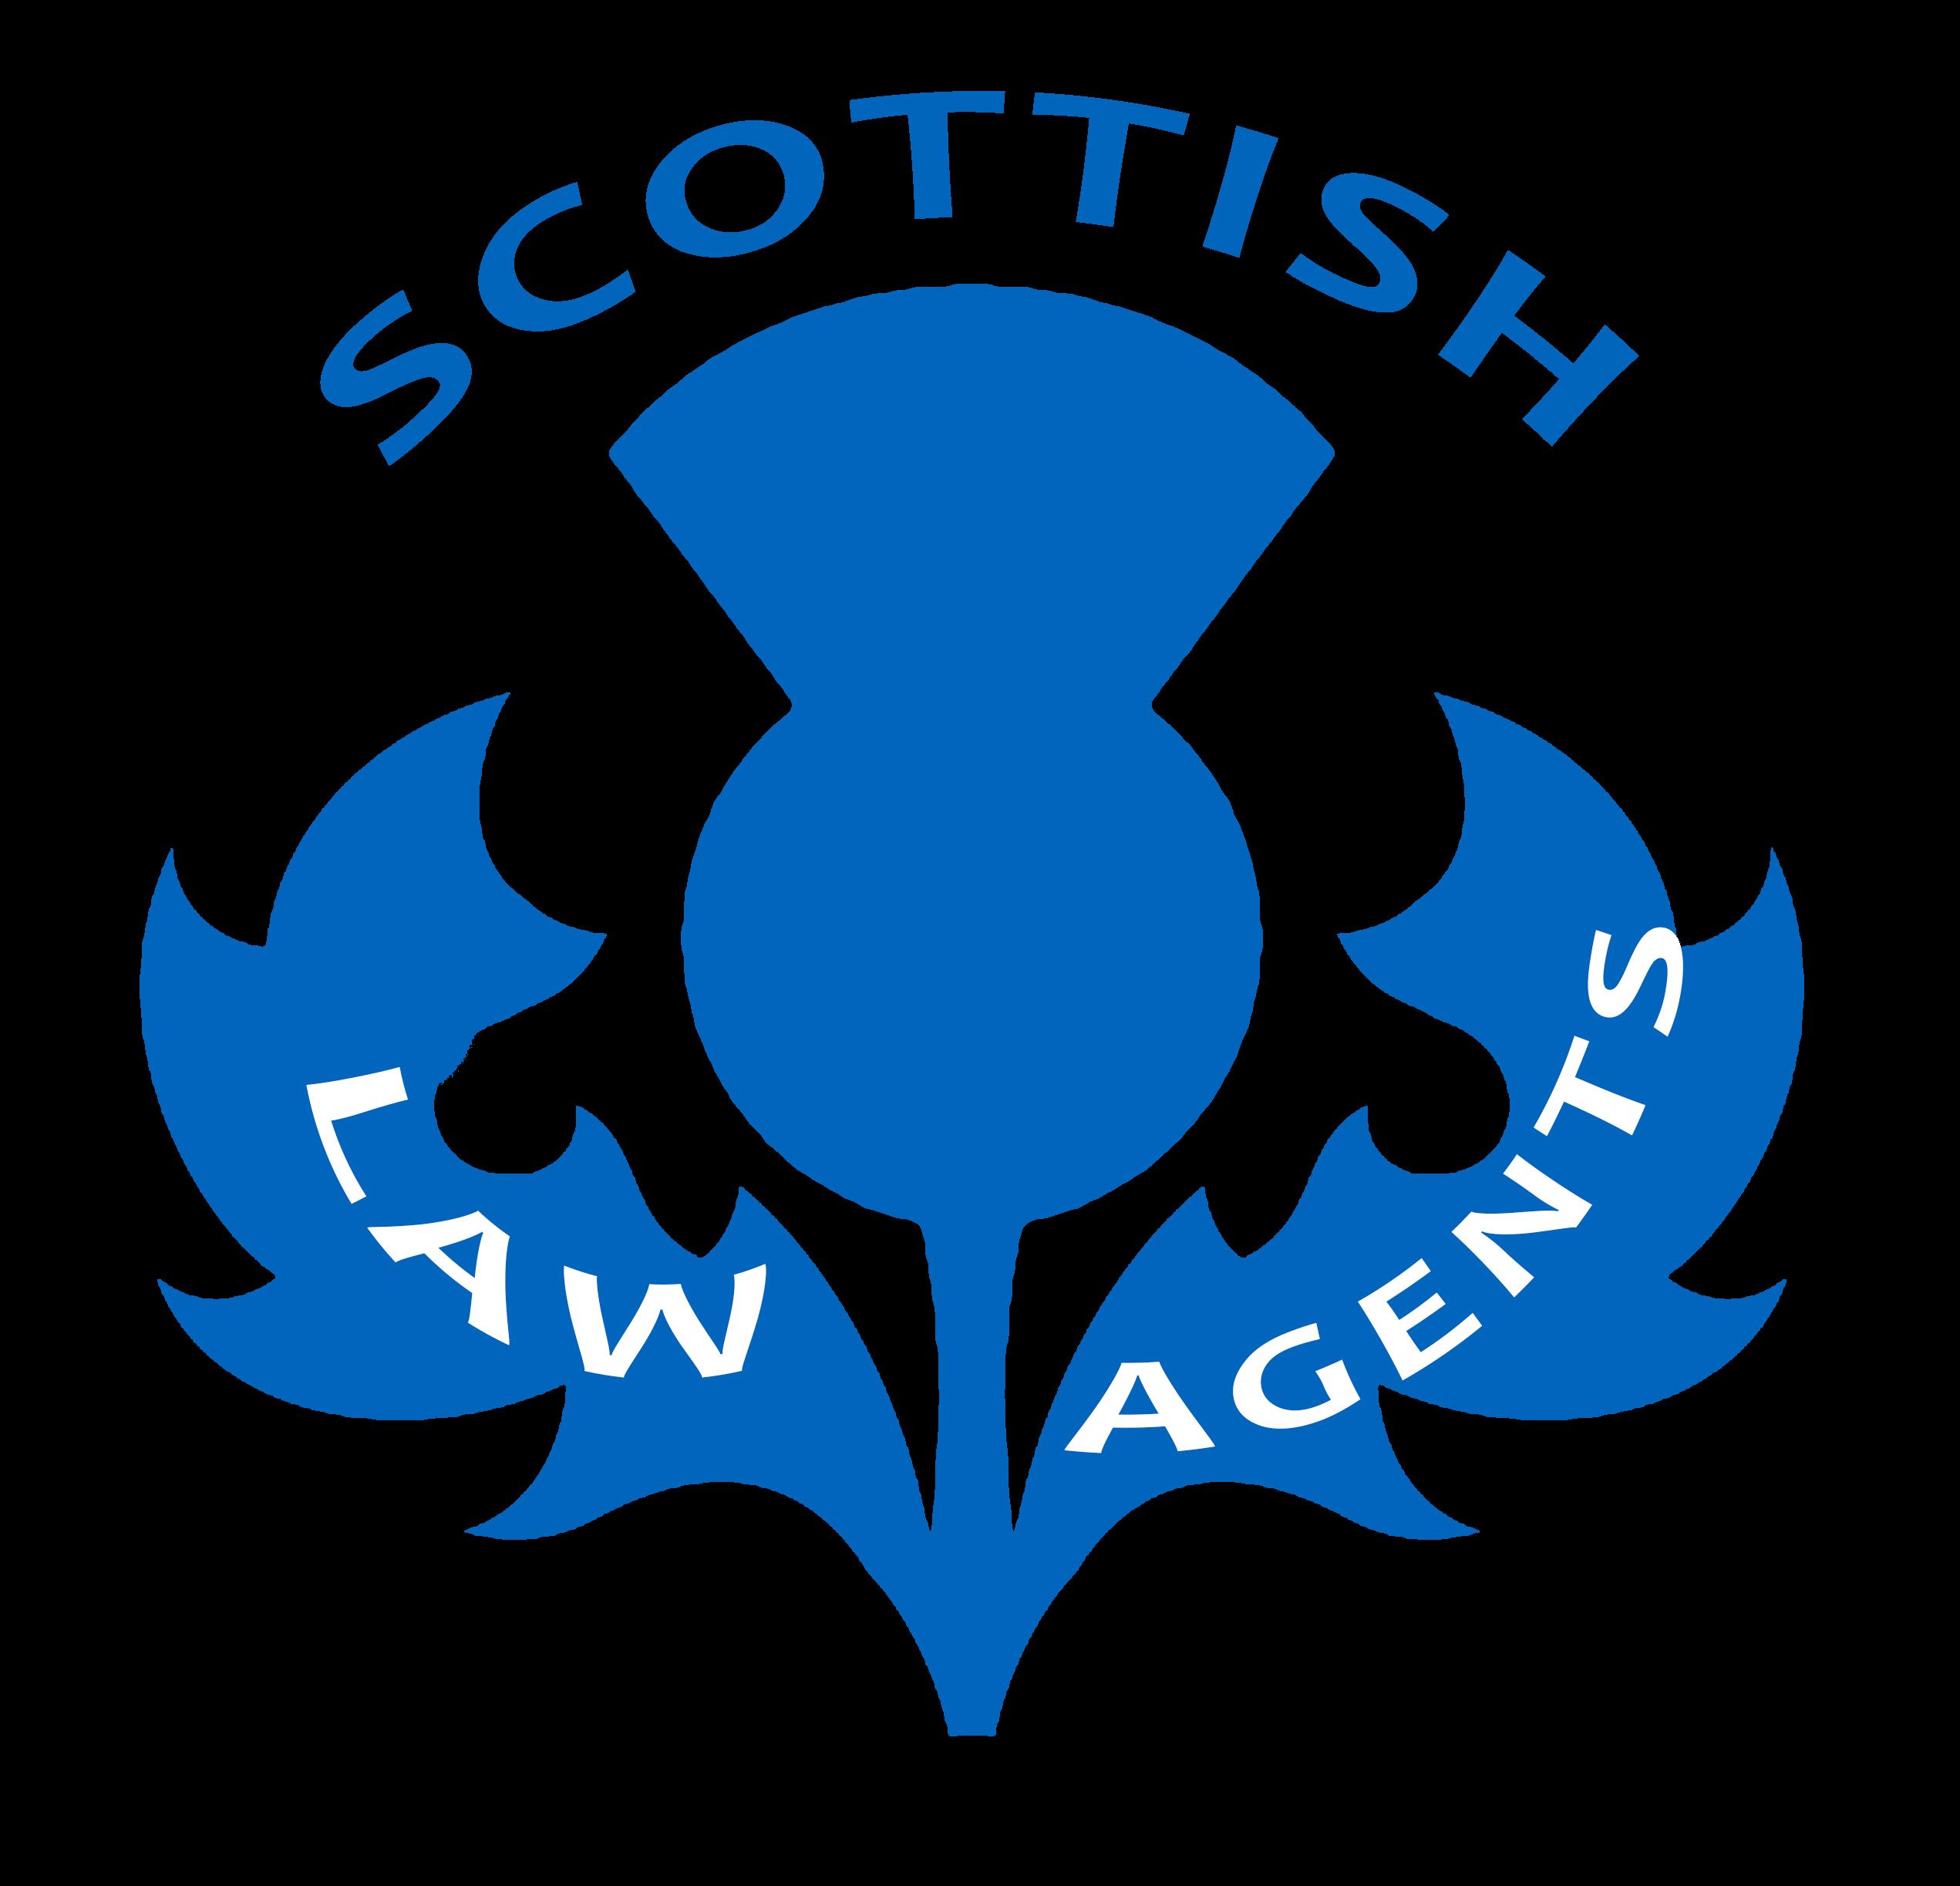 Scottish Law Agents Society